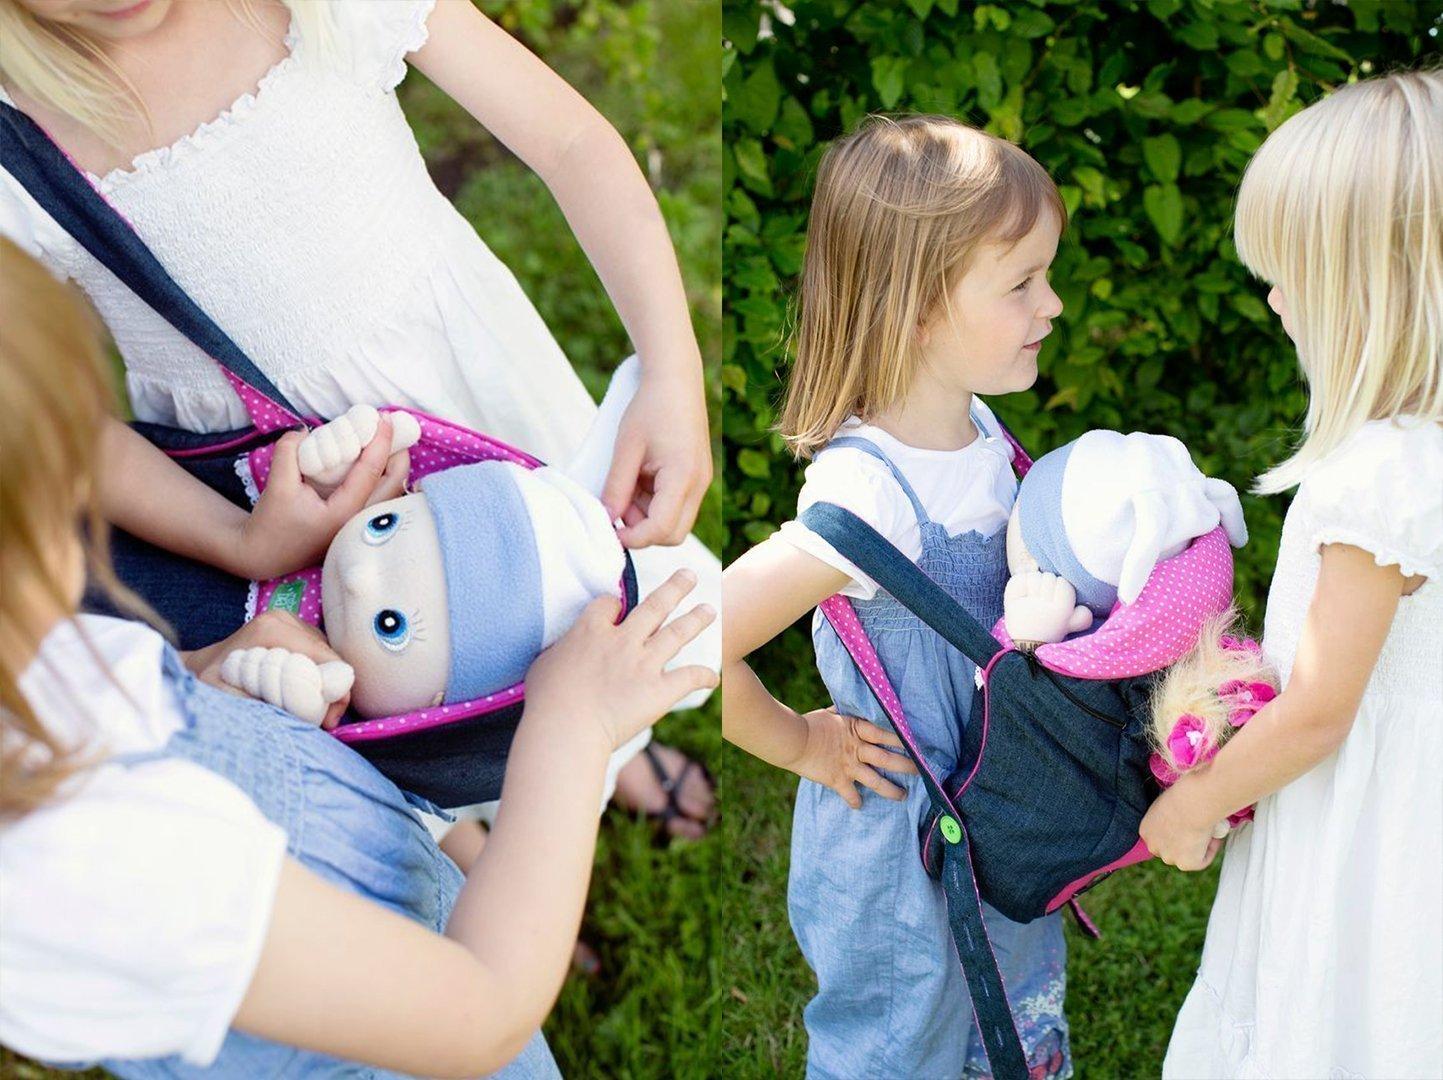 Niñas jugando con muñecas en el exterior